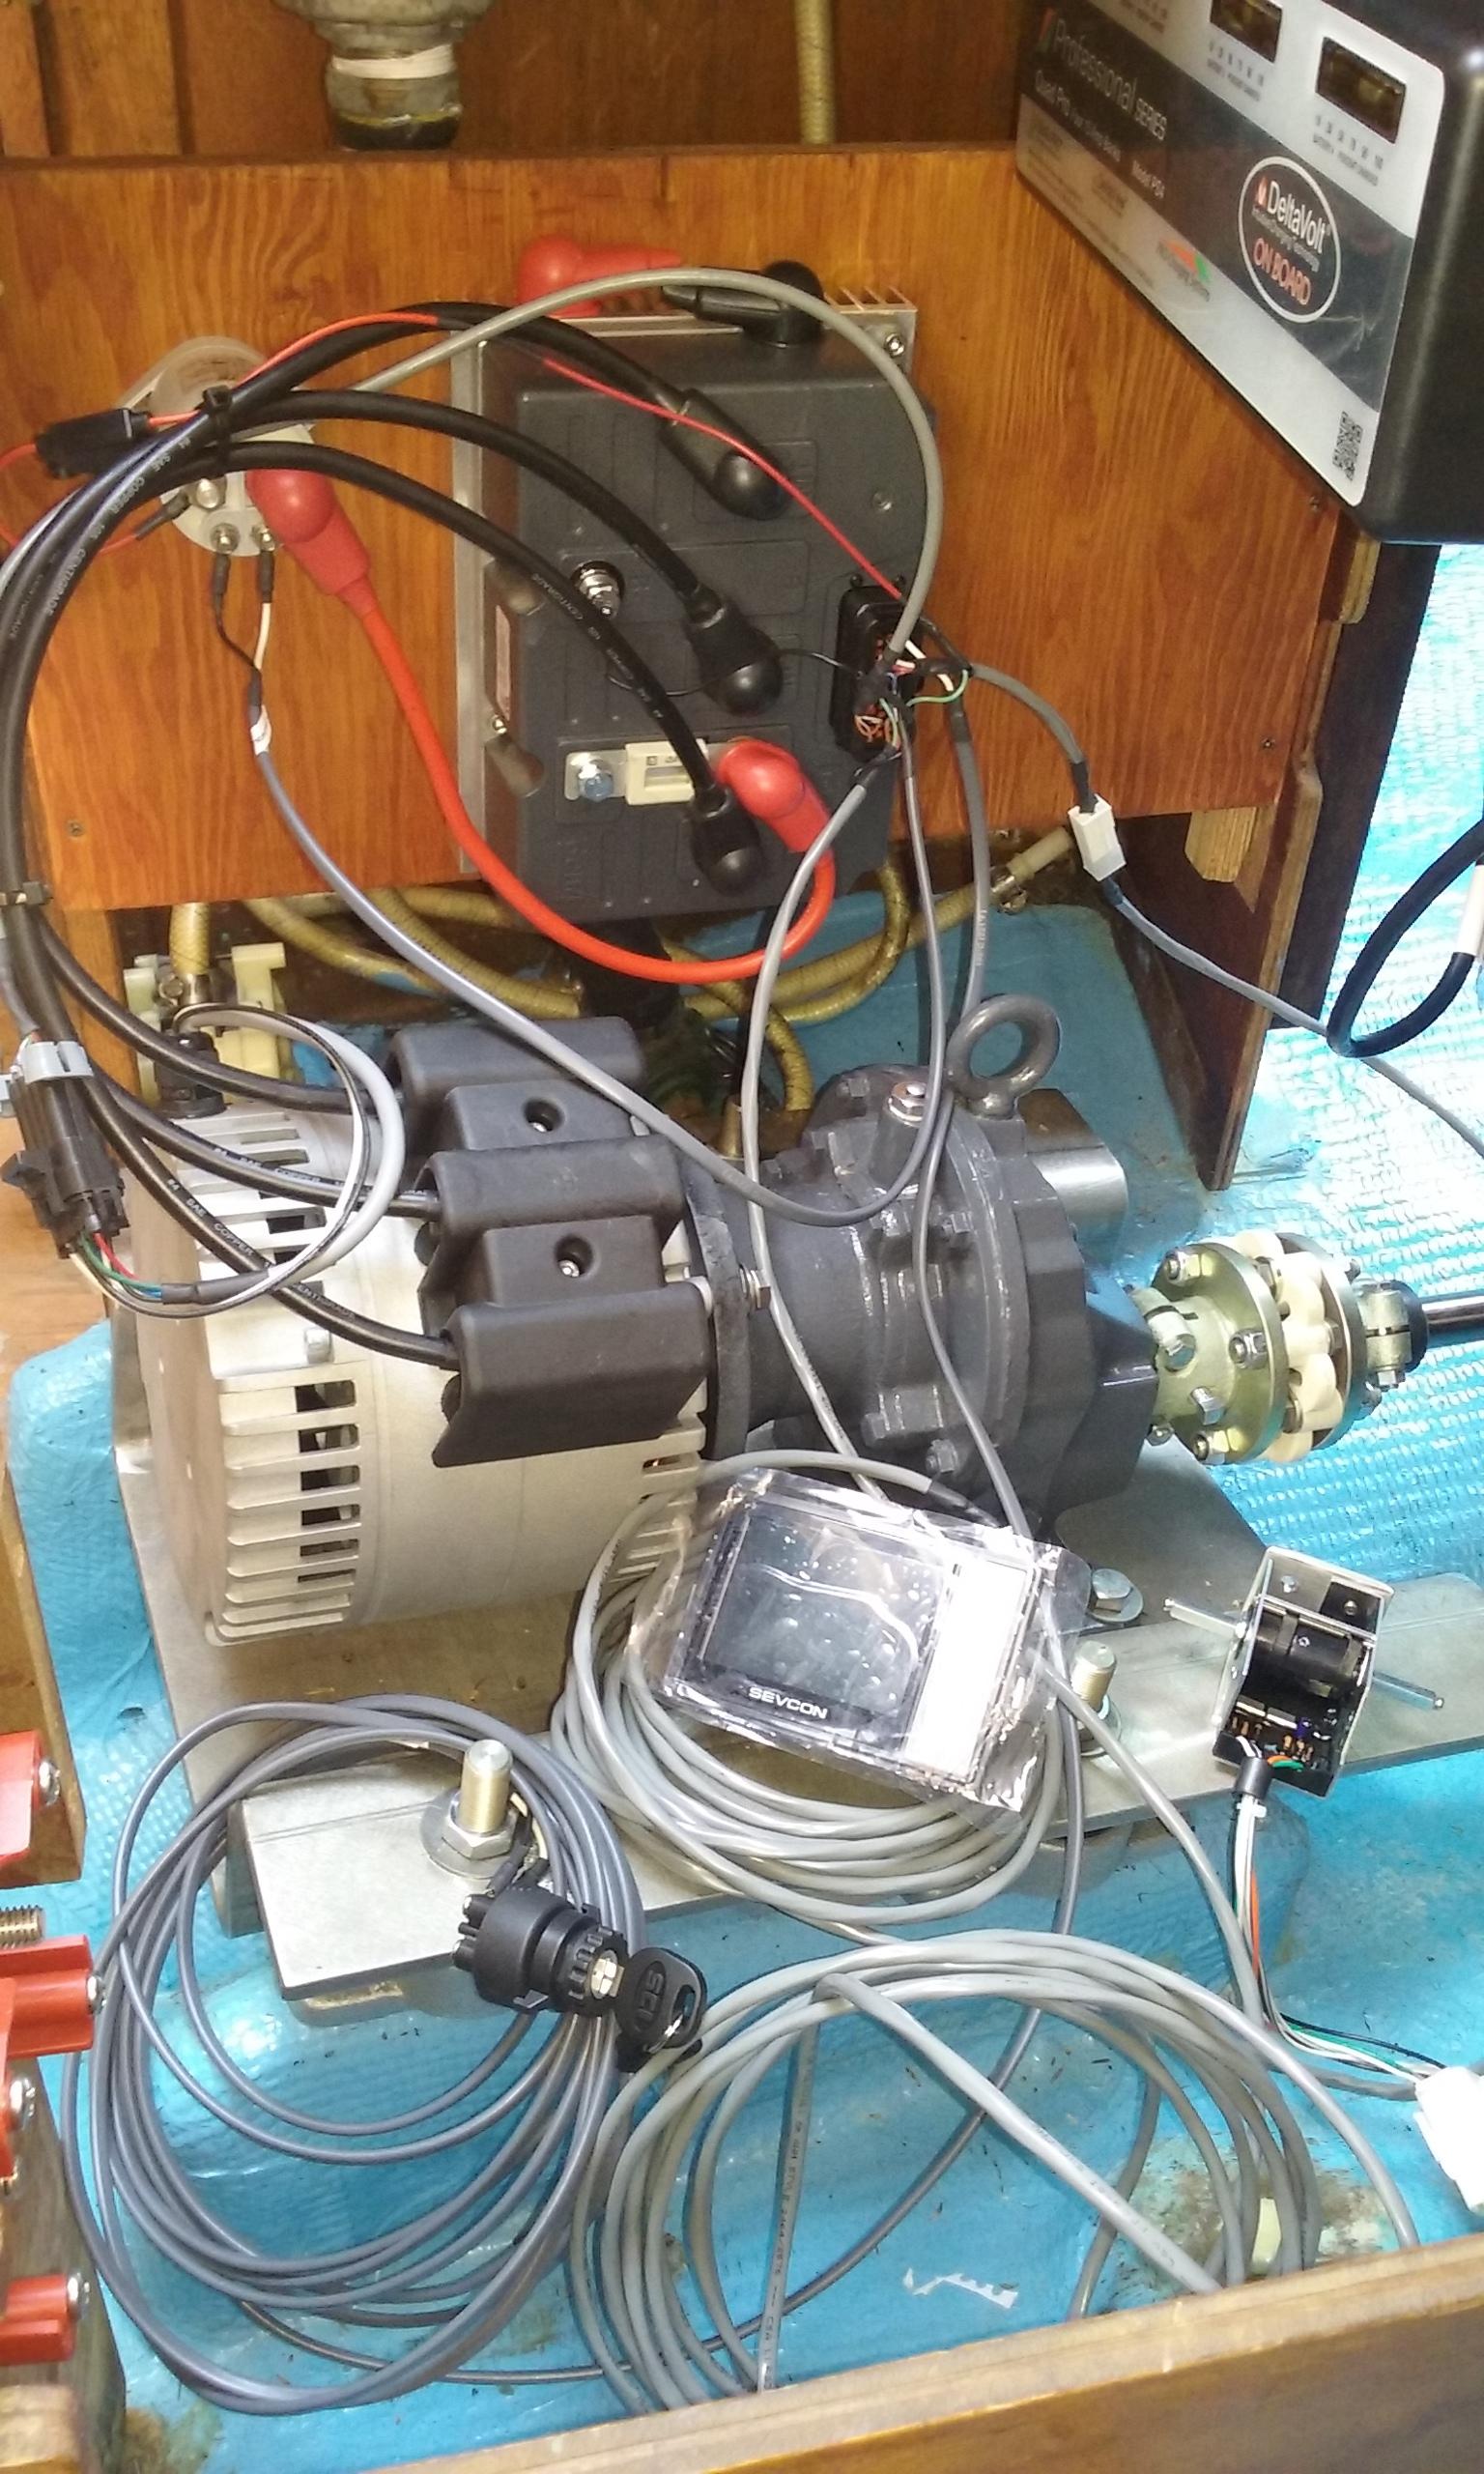 10 KW Motor Install